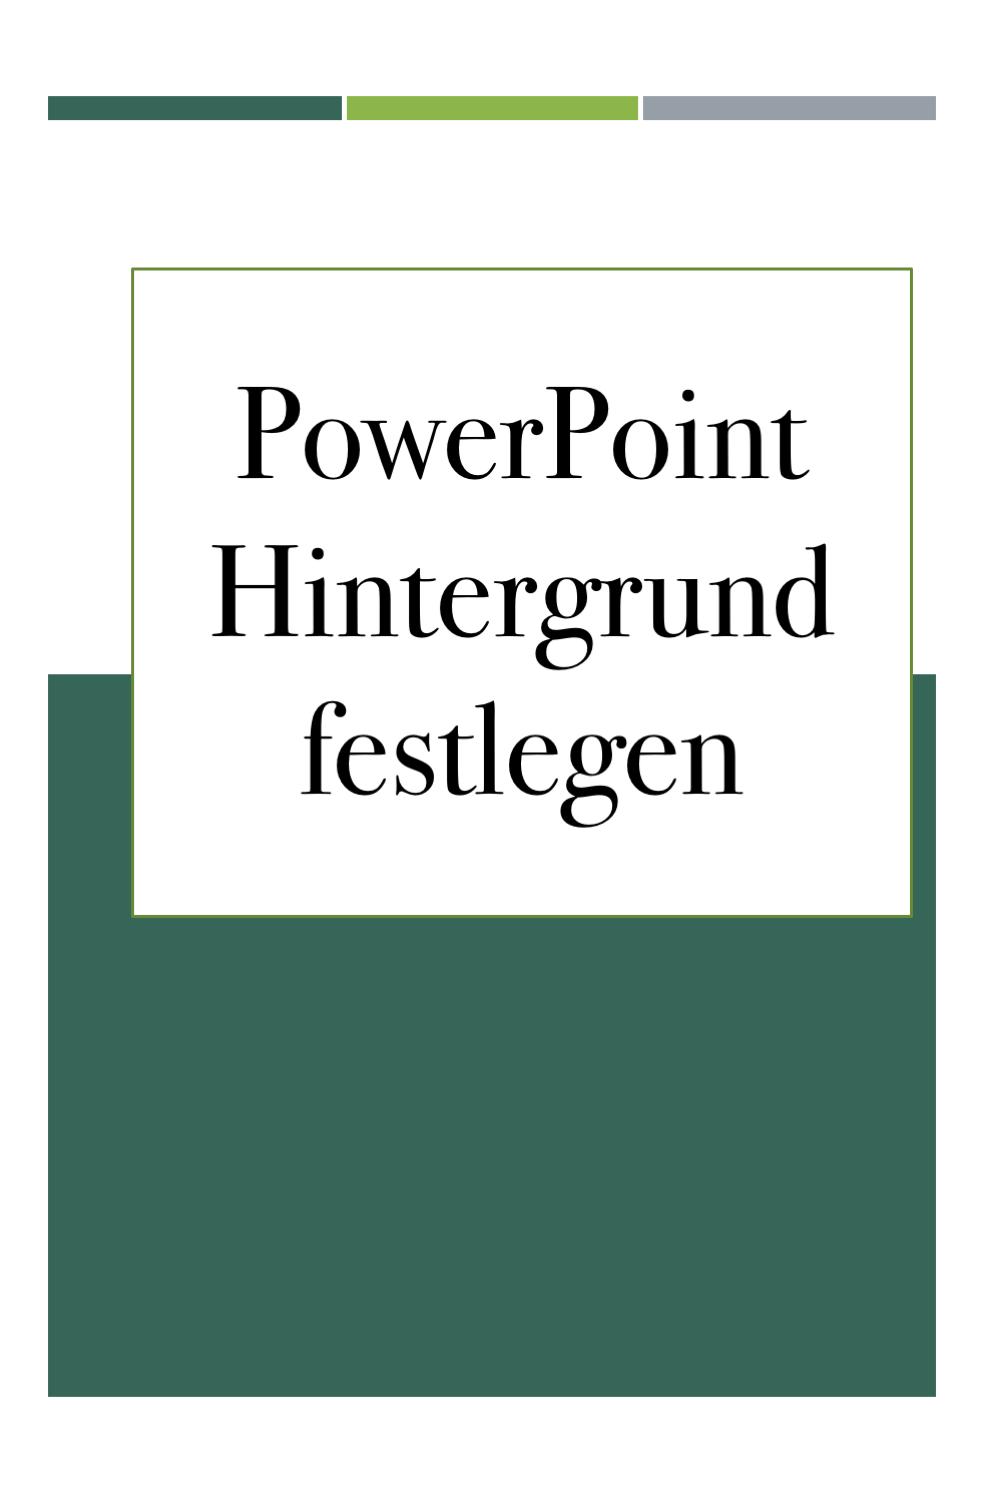 Pin von fairy1234 auf Technik/IT | Power point, Powerpoint ...